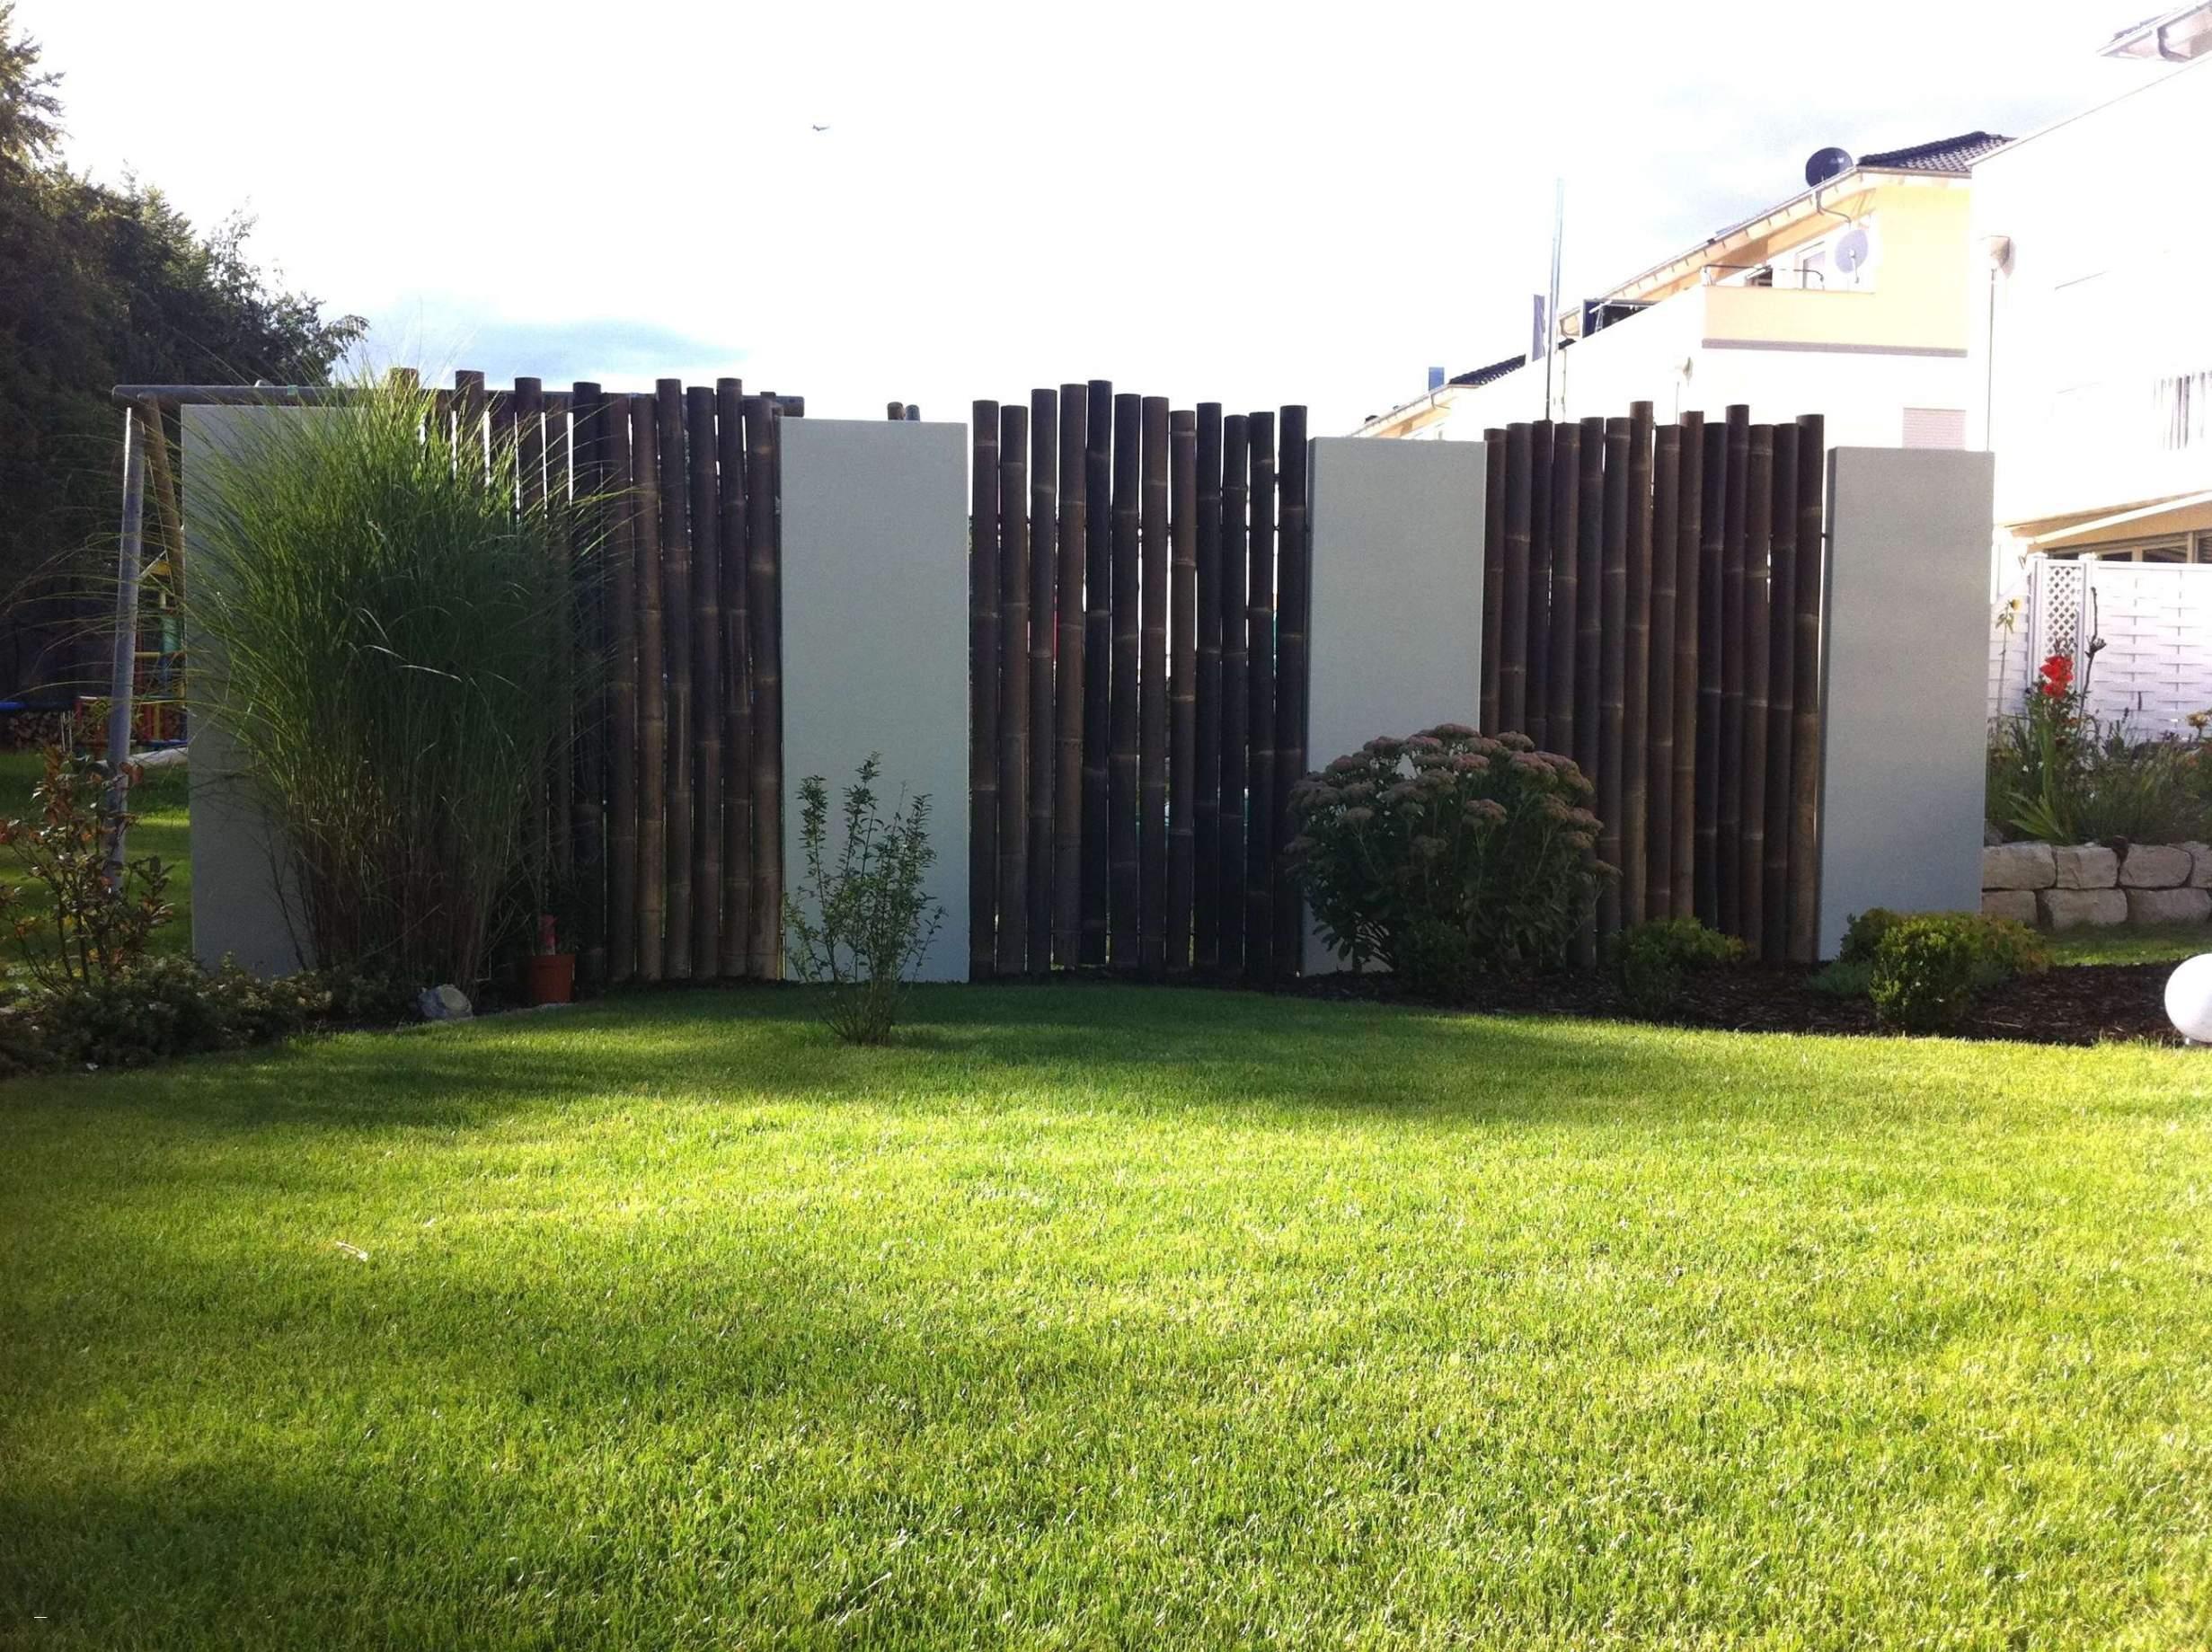 inspirierend terrasse sichtschutz terrasse sichtschutz 0d s design welche pflanze als sichtschutz welche pflanze als sichtschutz